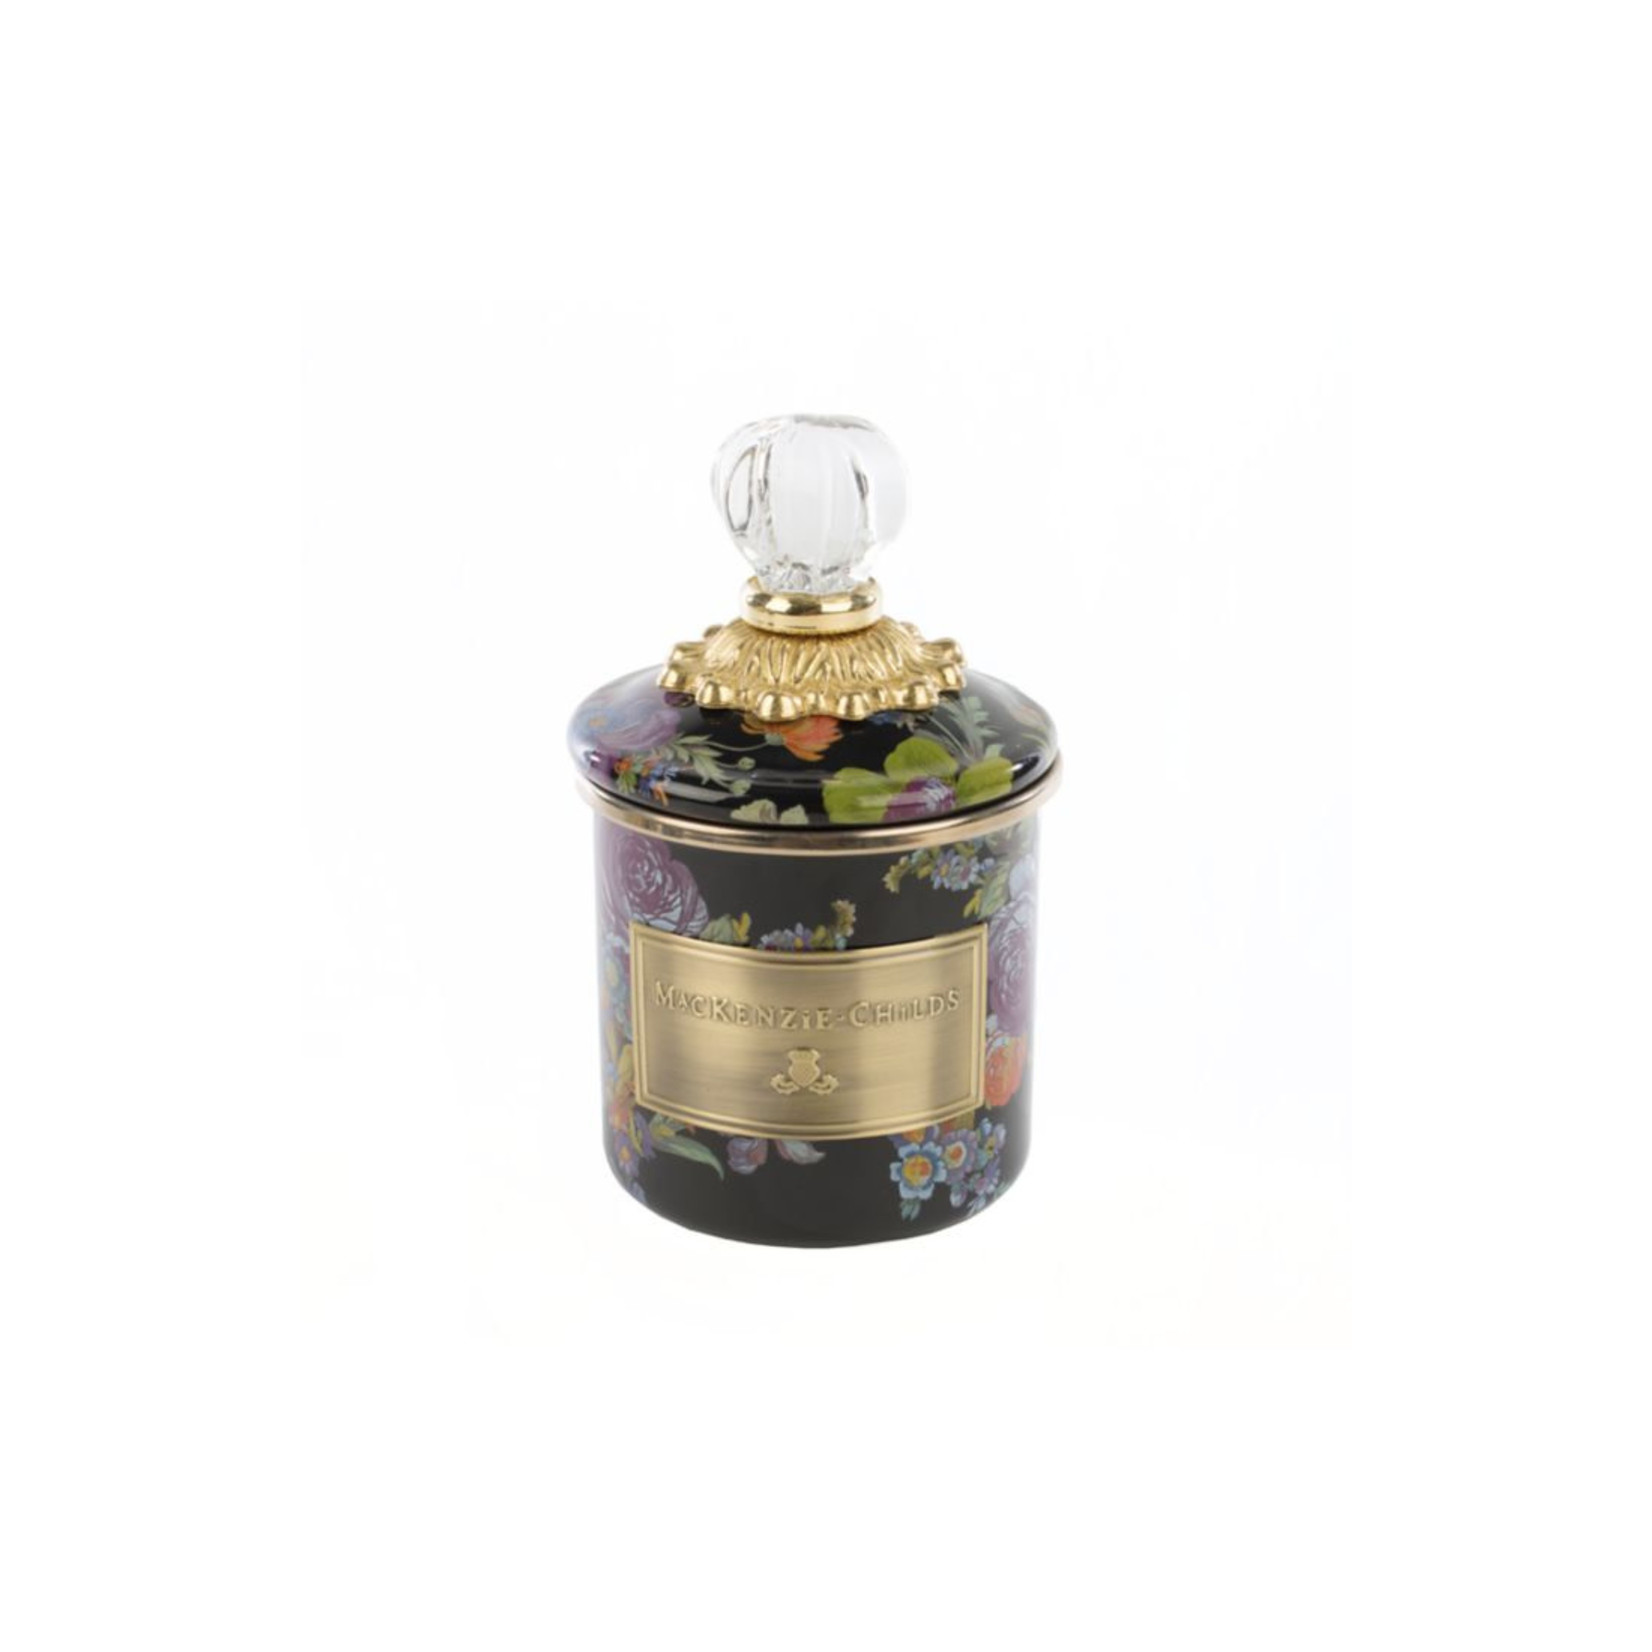 MacKenzie Childs Flower Market Mini Canister - Black